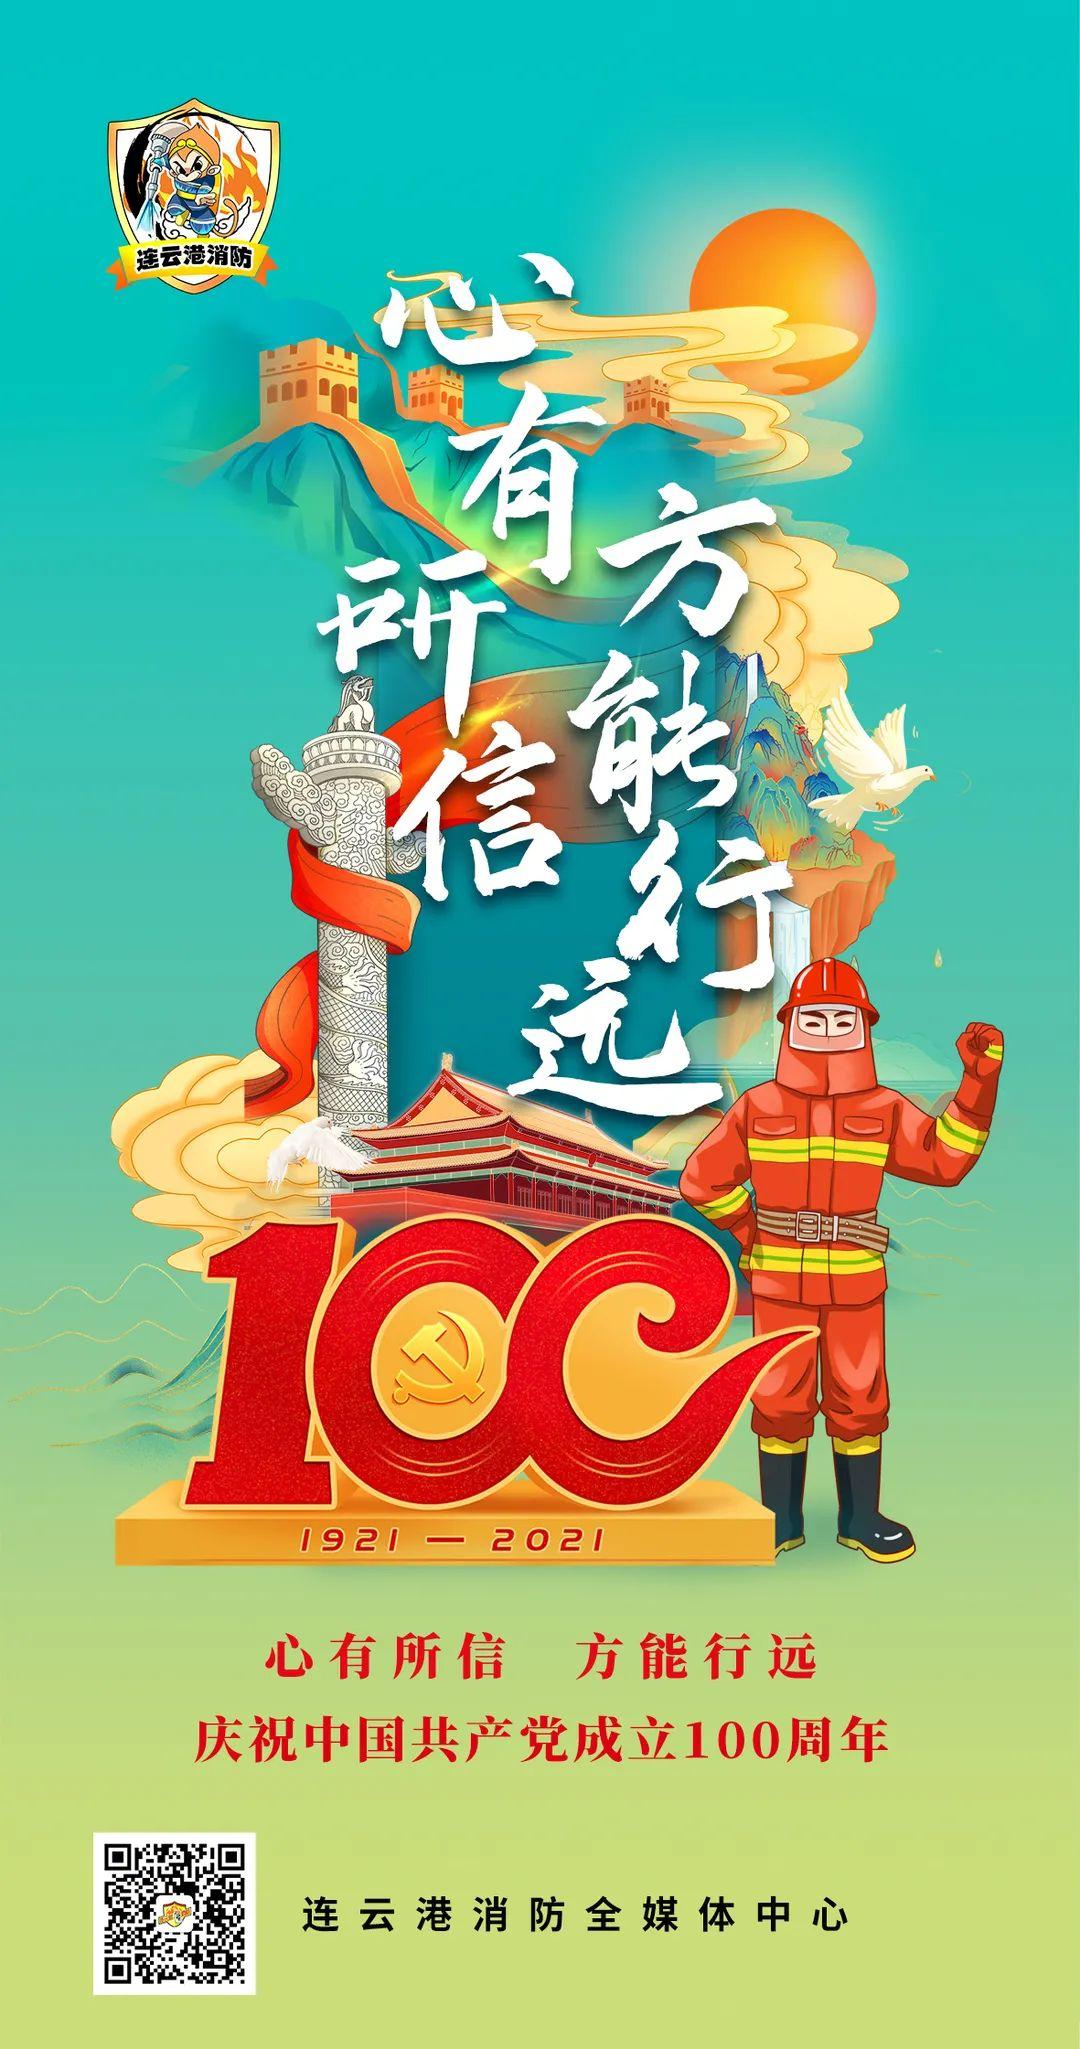 祝福中国共产党百年华诞丨江苏消防永远跟党走!